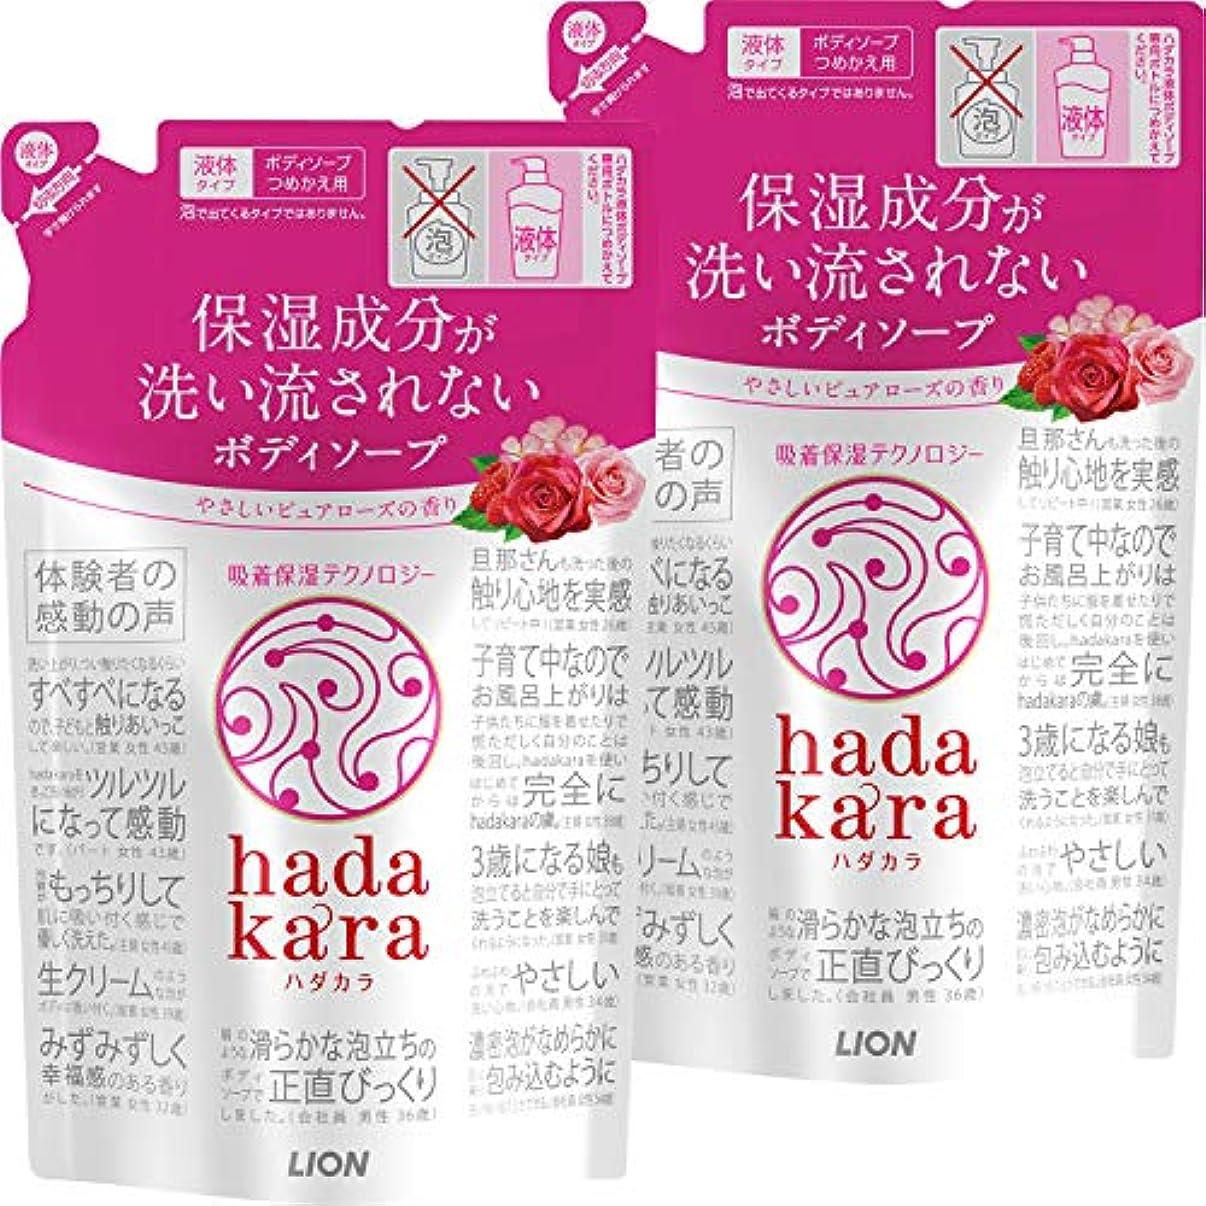 アベニューマサッチョ皮肉な【まとめ買い】hadakara(ハダカラ) ボディソープ ピュアローズの香り 詰め替え 360ml×2個パック